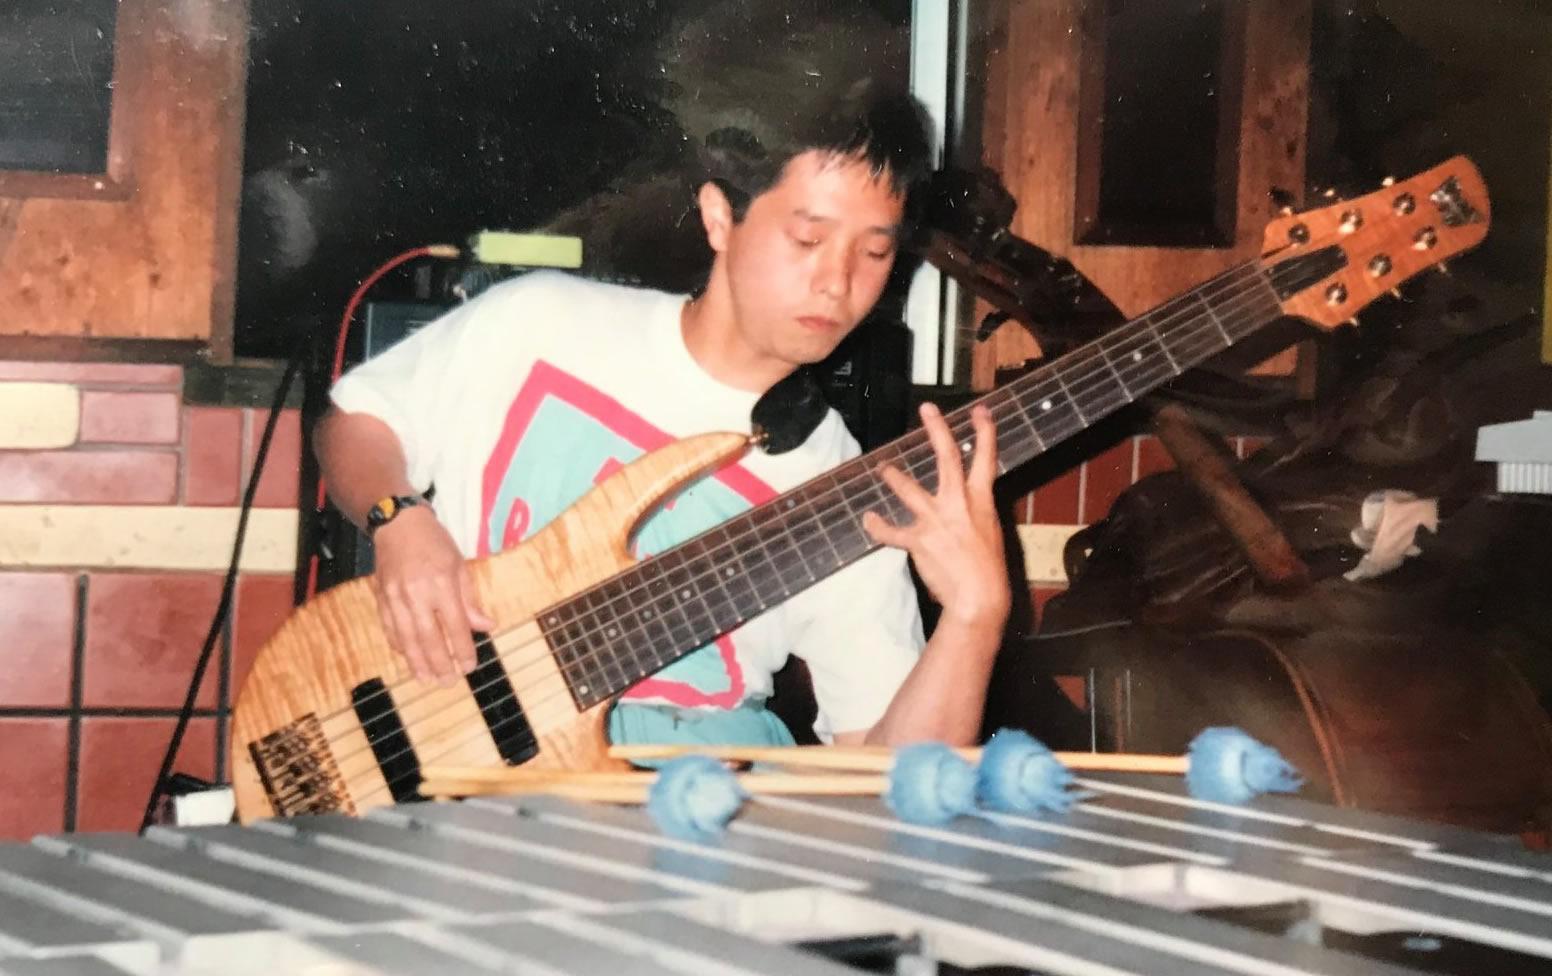 納がオサムを語る vol.7 「東京への移住後、どのようにしてこの東京のジャズ、そして音楽シーンで、オサム少年の存在を知ってもらえるようになったか」